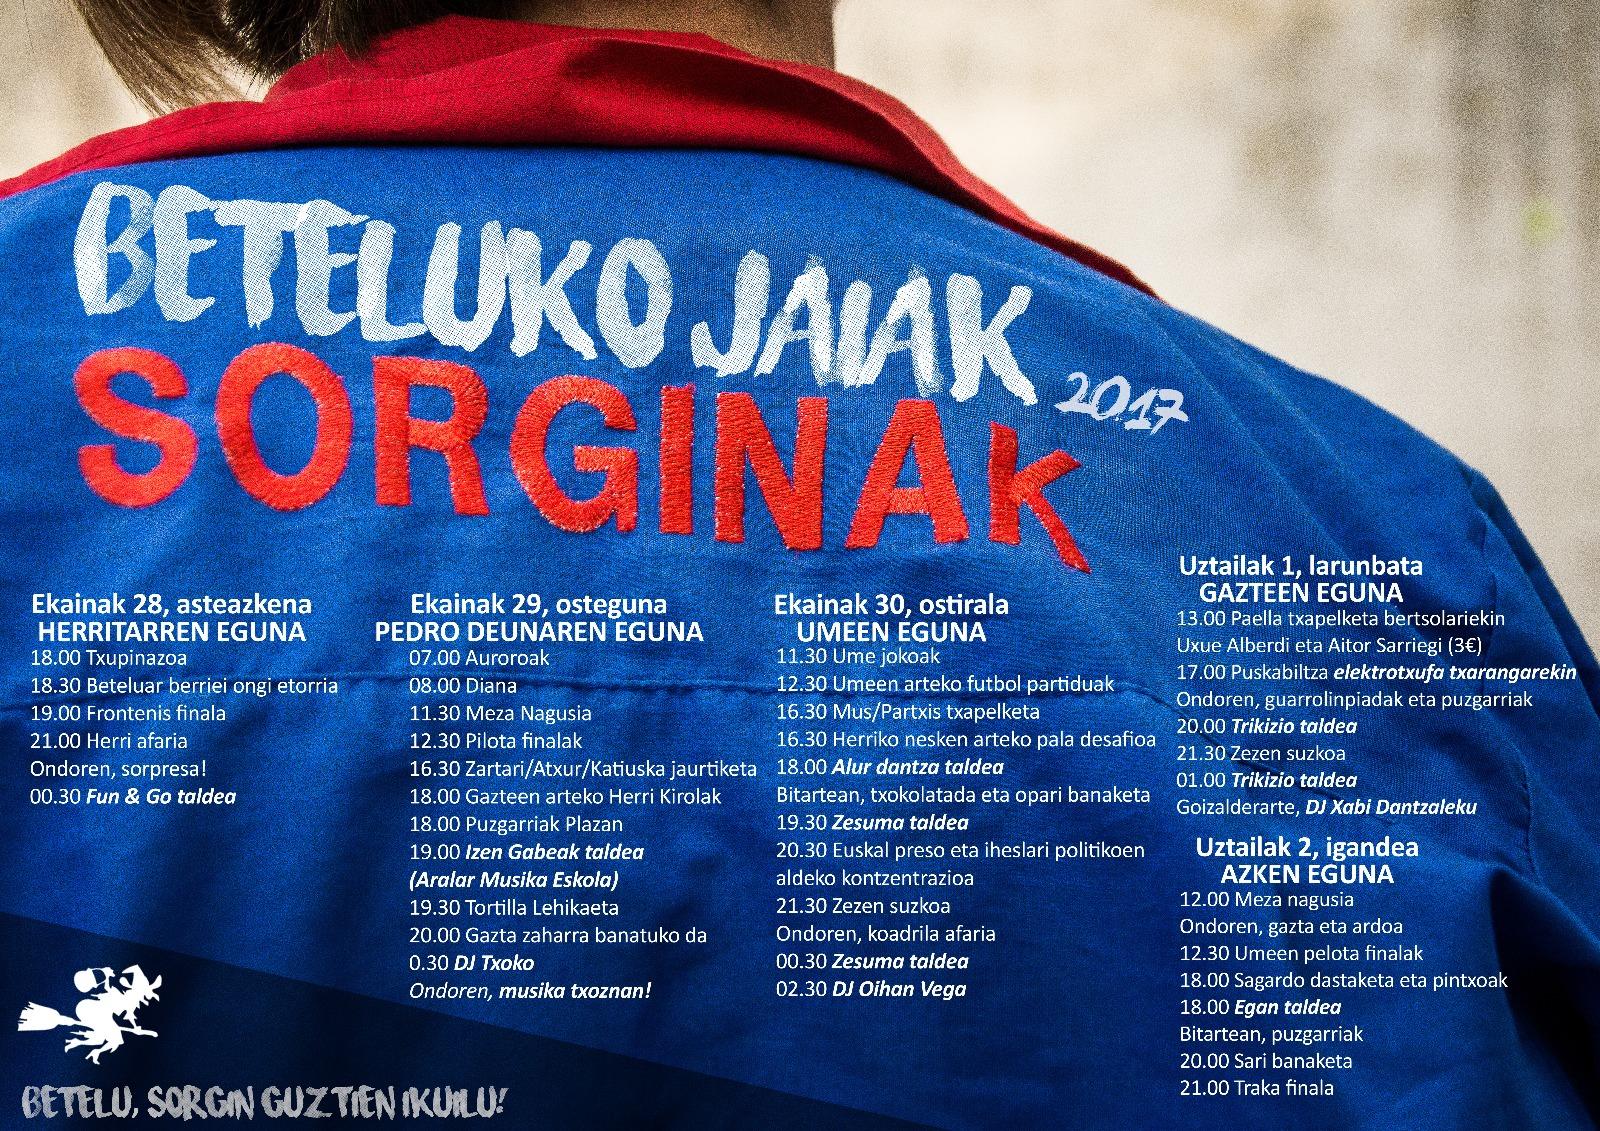 Beteluko Jaiak 2017